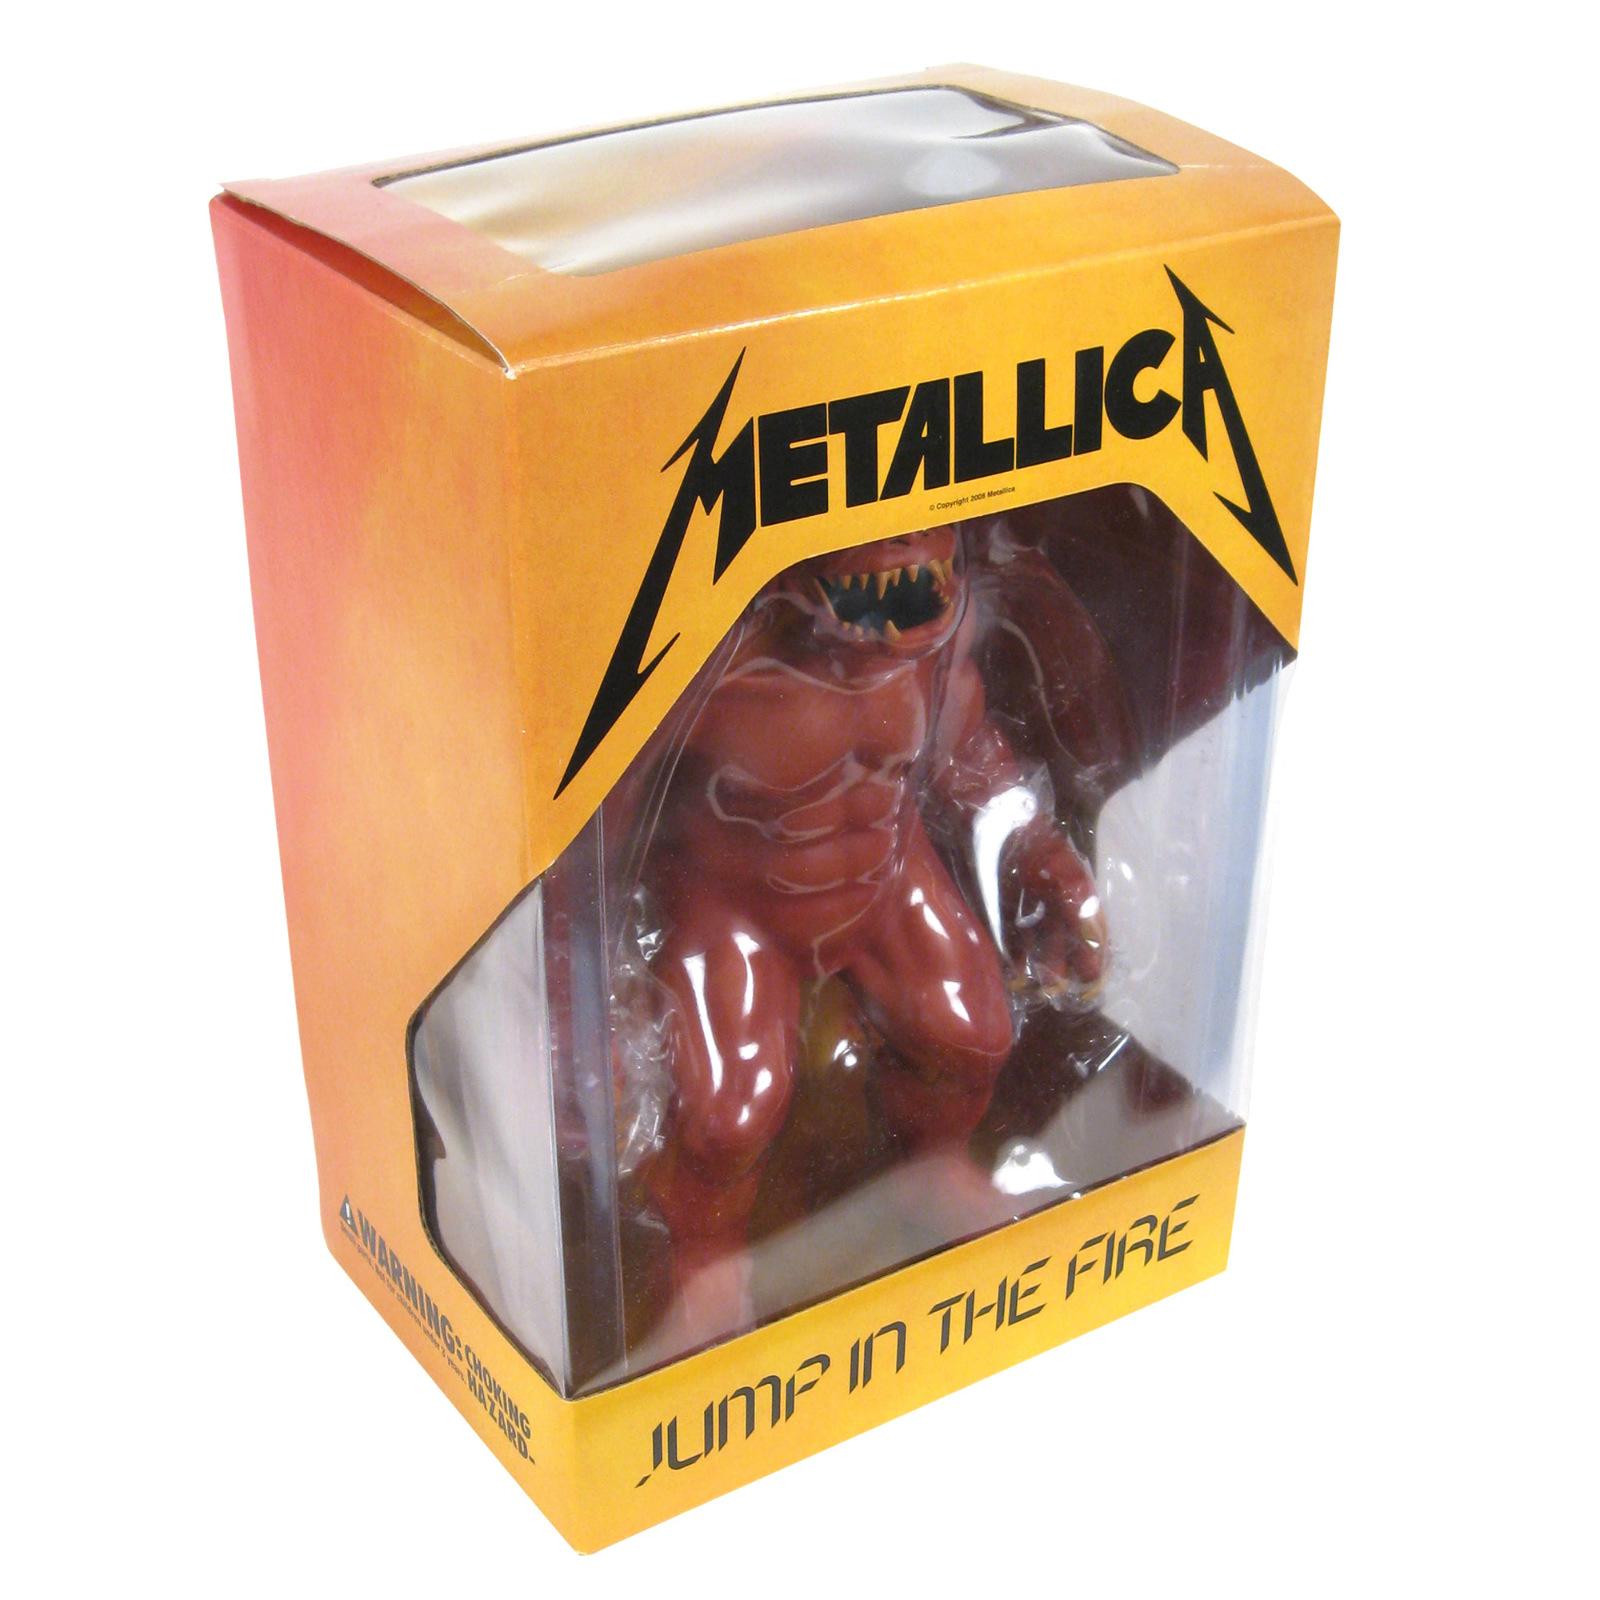 Metallica Jump In The Fire Metallica Fan Club Col...